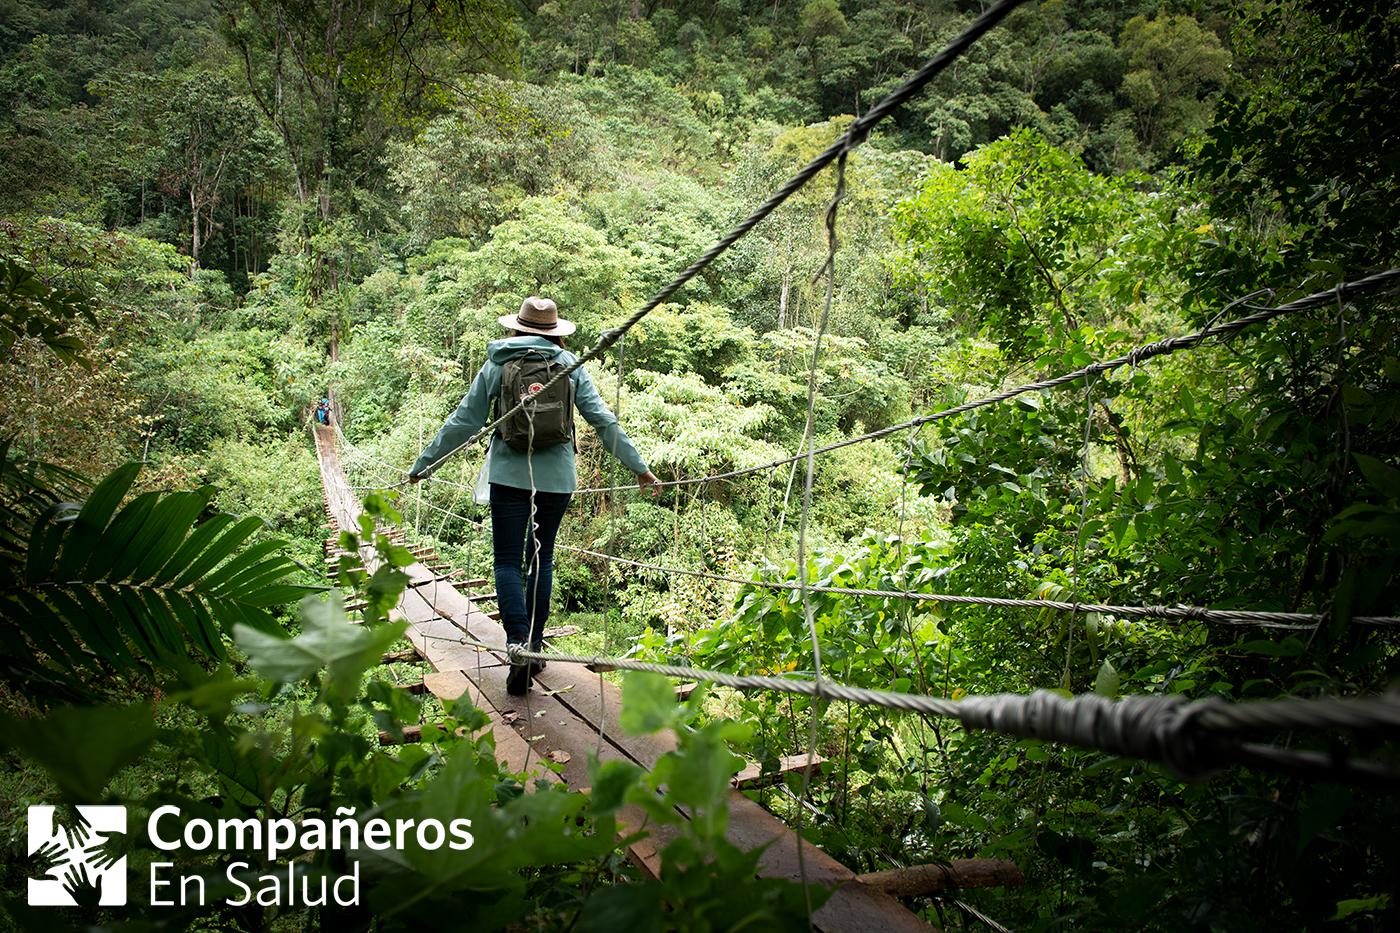 Foto: Daniela Santos, estudiante de medicina, cruza un puente con sus compañeros para seguir a la próxima comunidad en donde realizarían encuestas de salud.